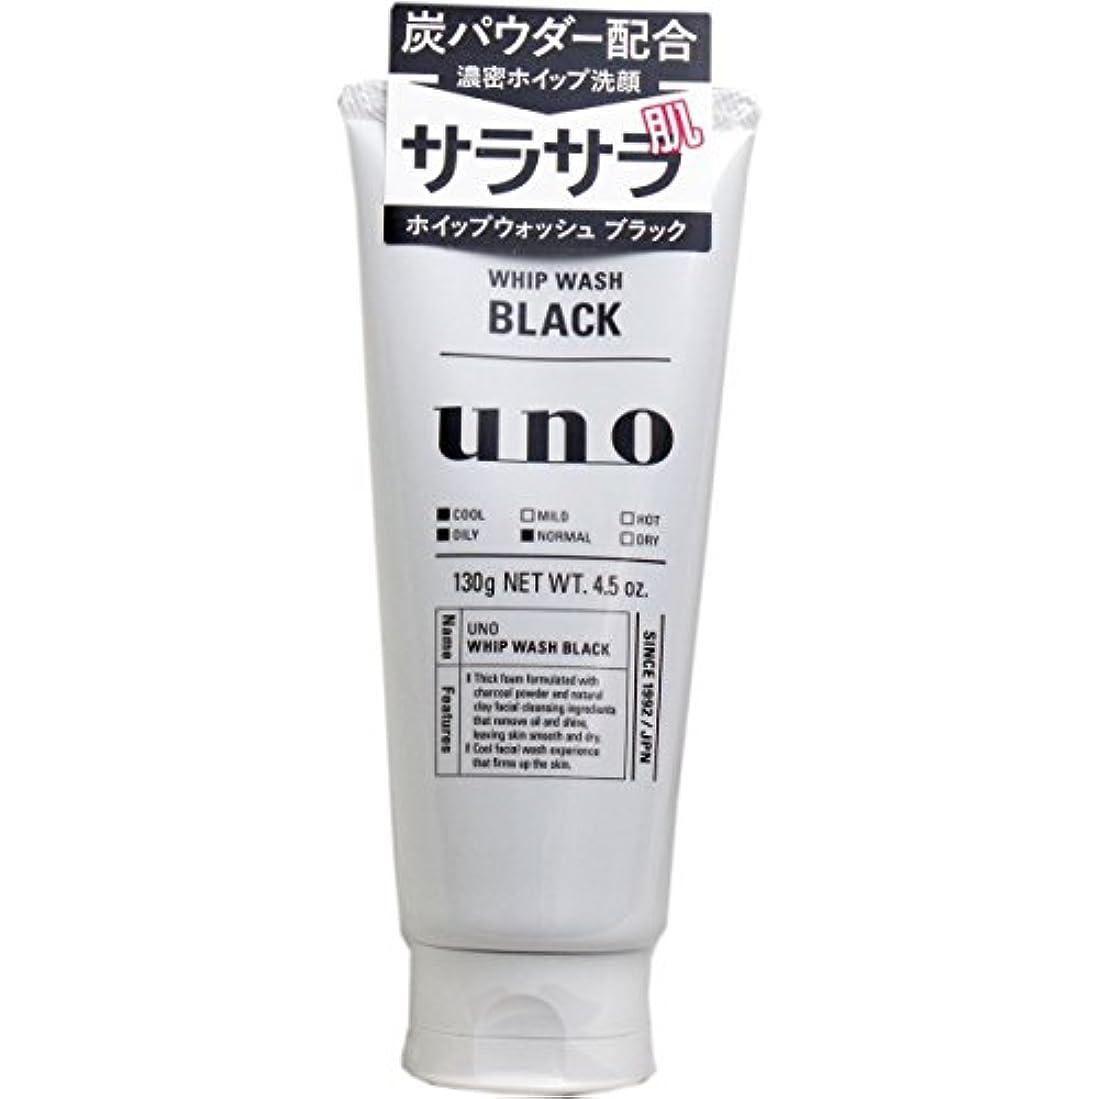 うま悪意鋭く【まとめ買い】ウーノ ホイップウォッシュ (ブラック) 洗顔料 130g×6個